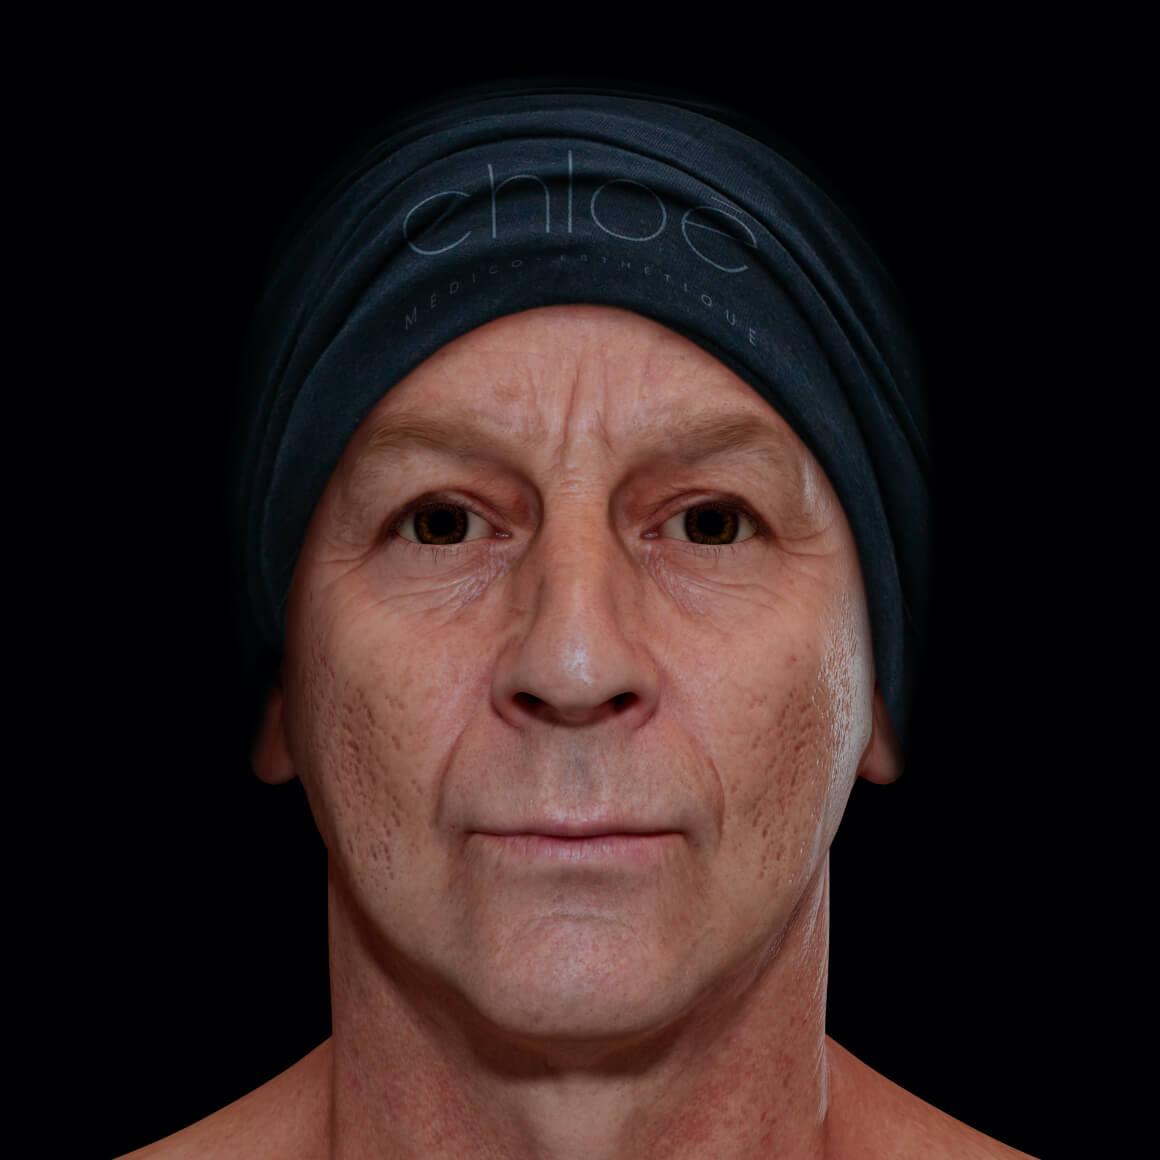 Patient de la Clinique Chloé positionné de face ayant des cicatrices d'acné sur le visage